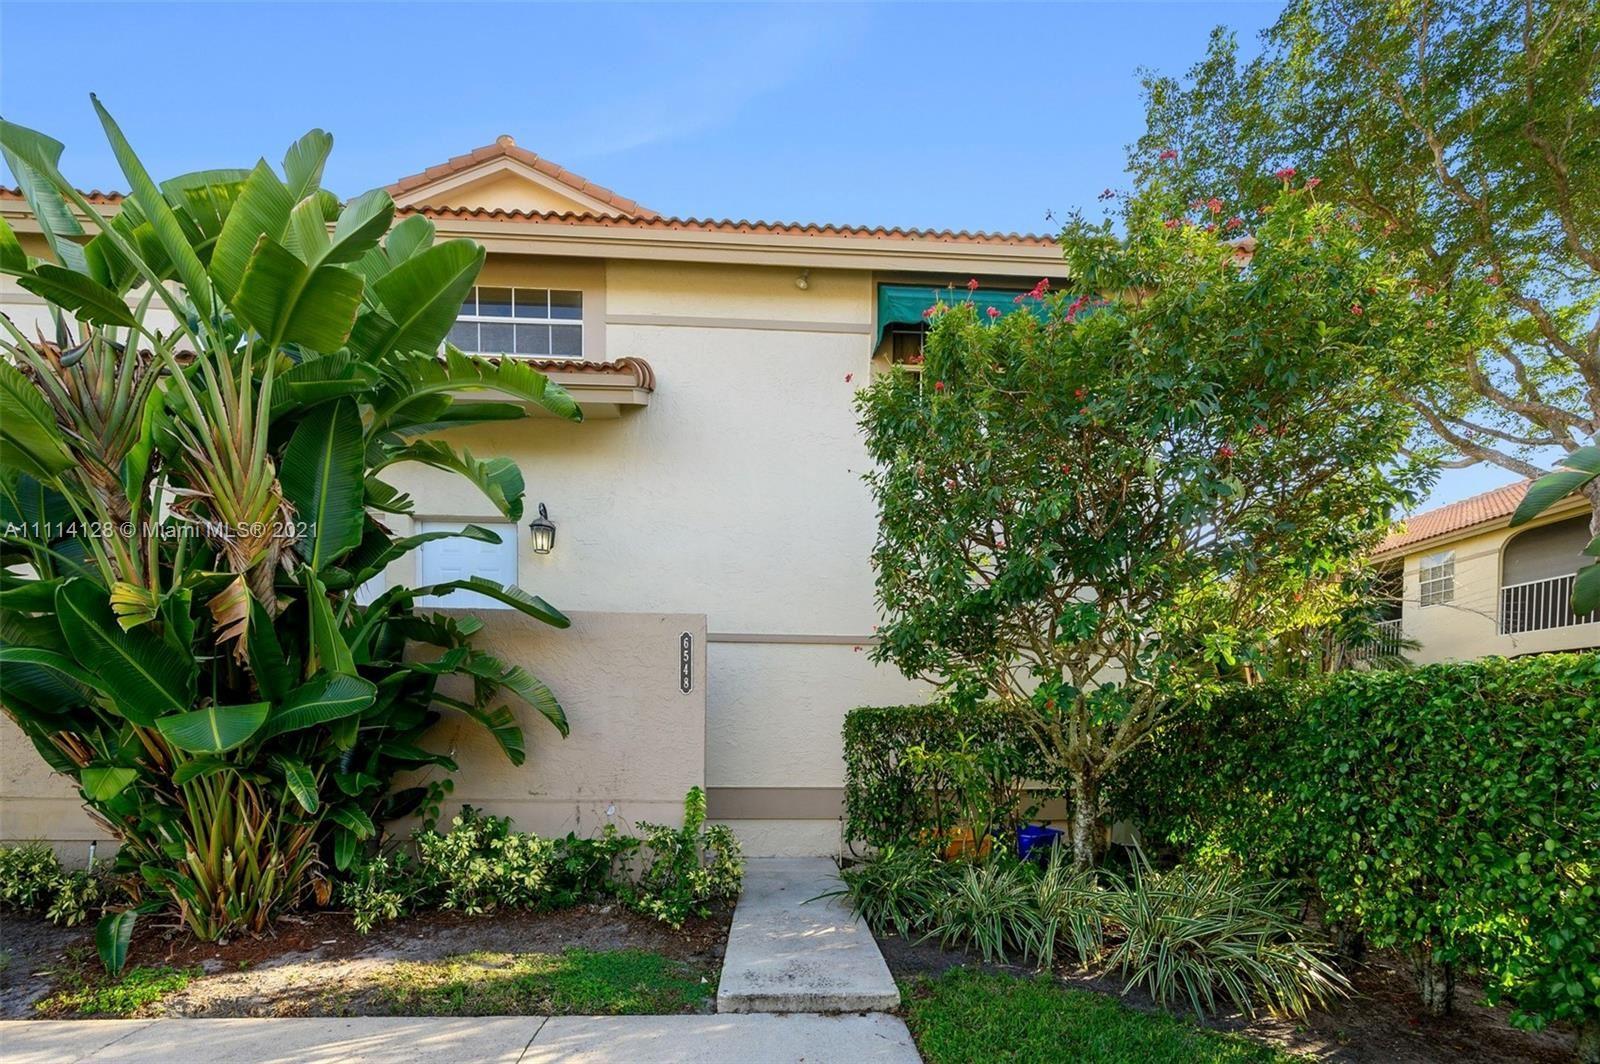 Photo of 6548 Via Regina #6548, Boca Raton, FL 33433 (MLS # A11114128)